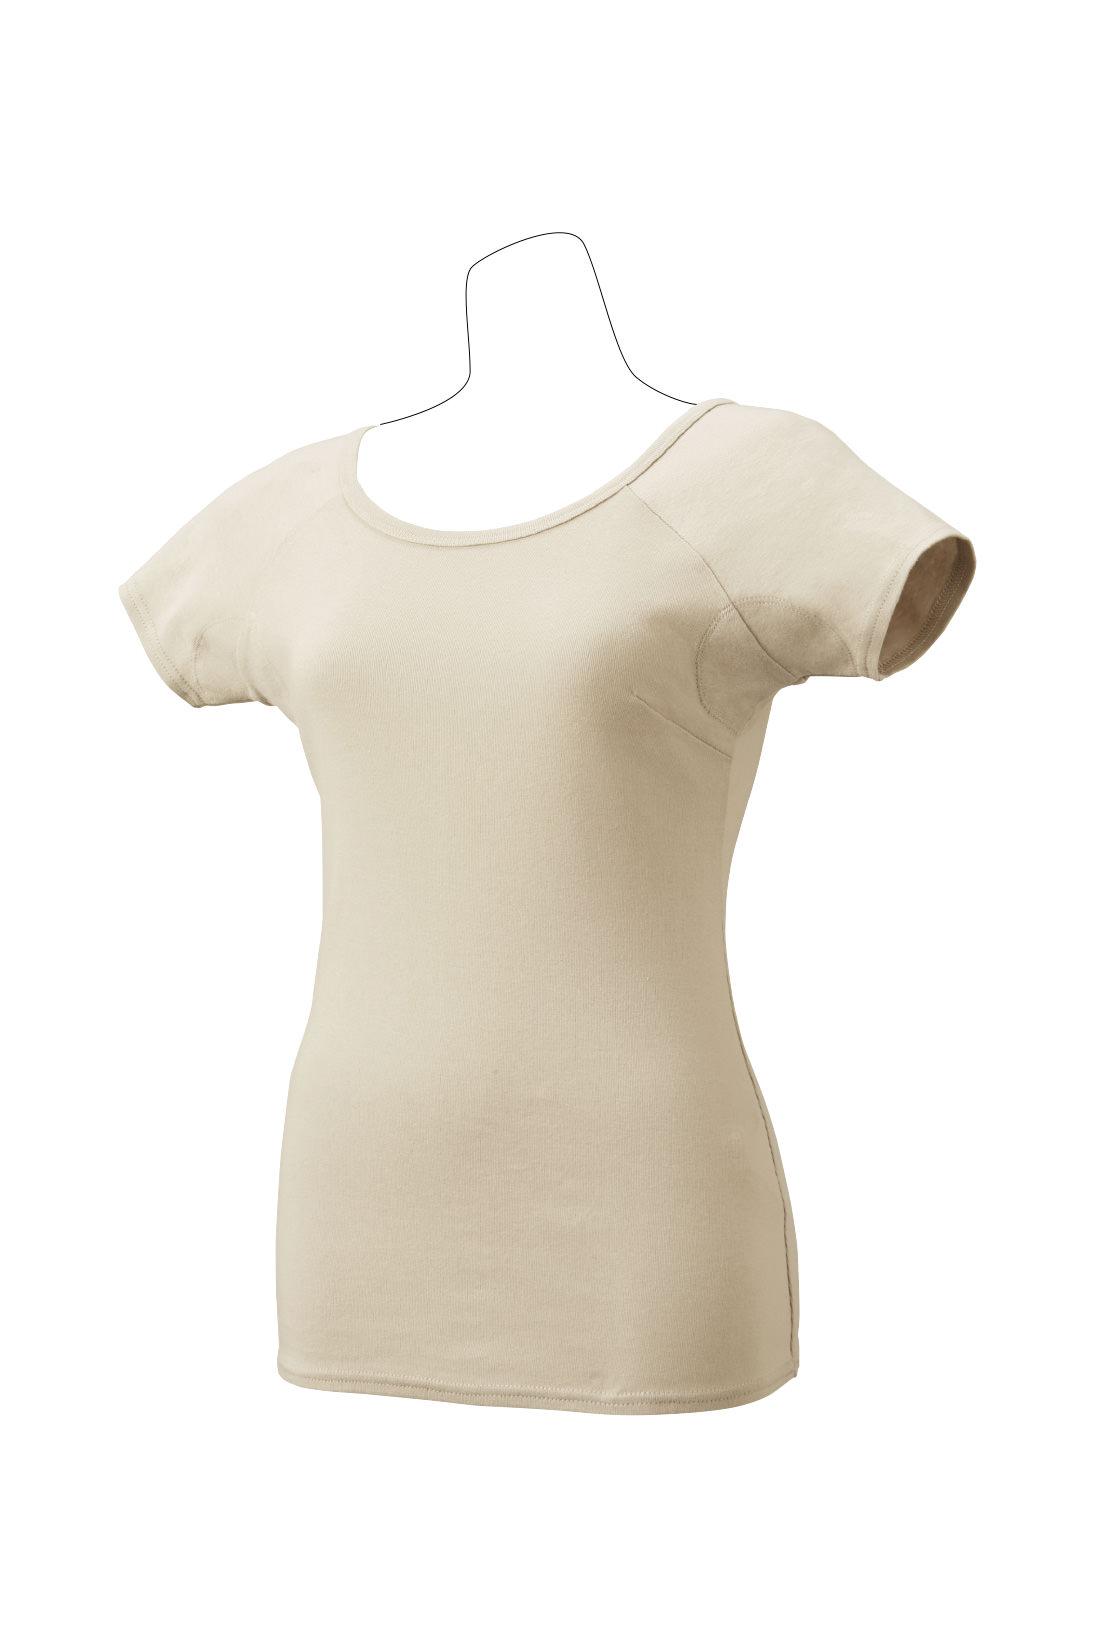 オールシーズン着られて便利な一分袖。 ※お届けするカラーとは異なります。